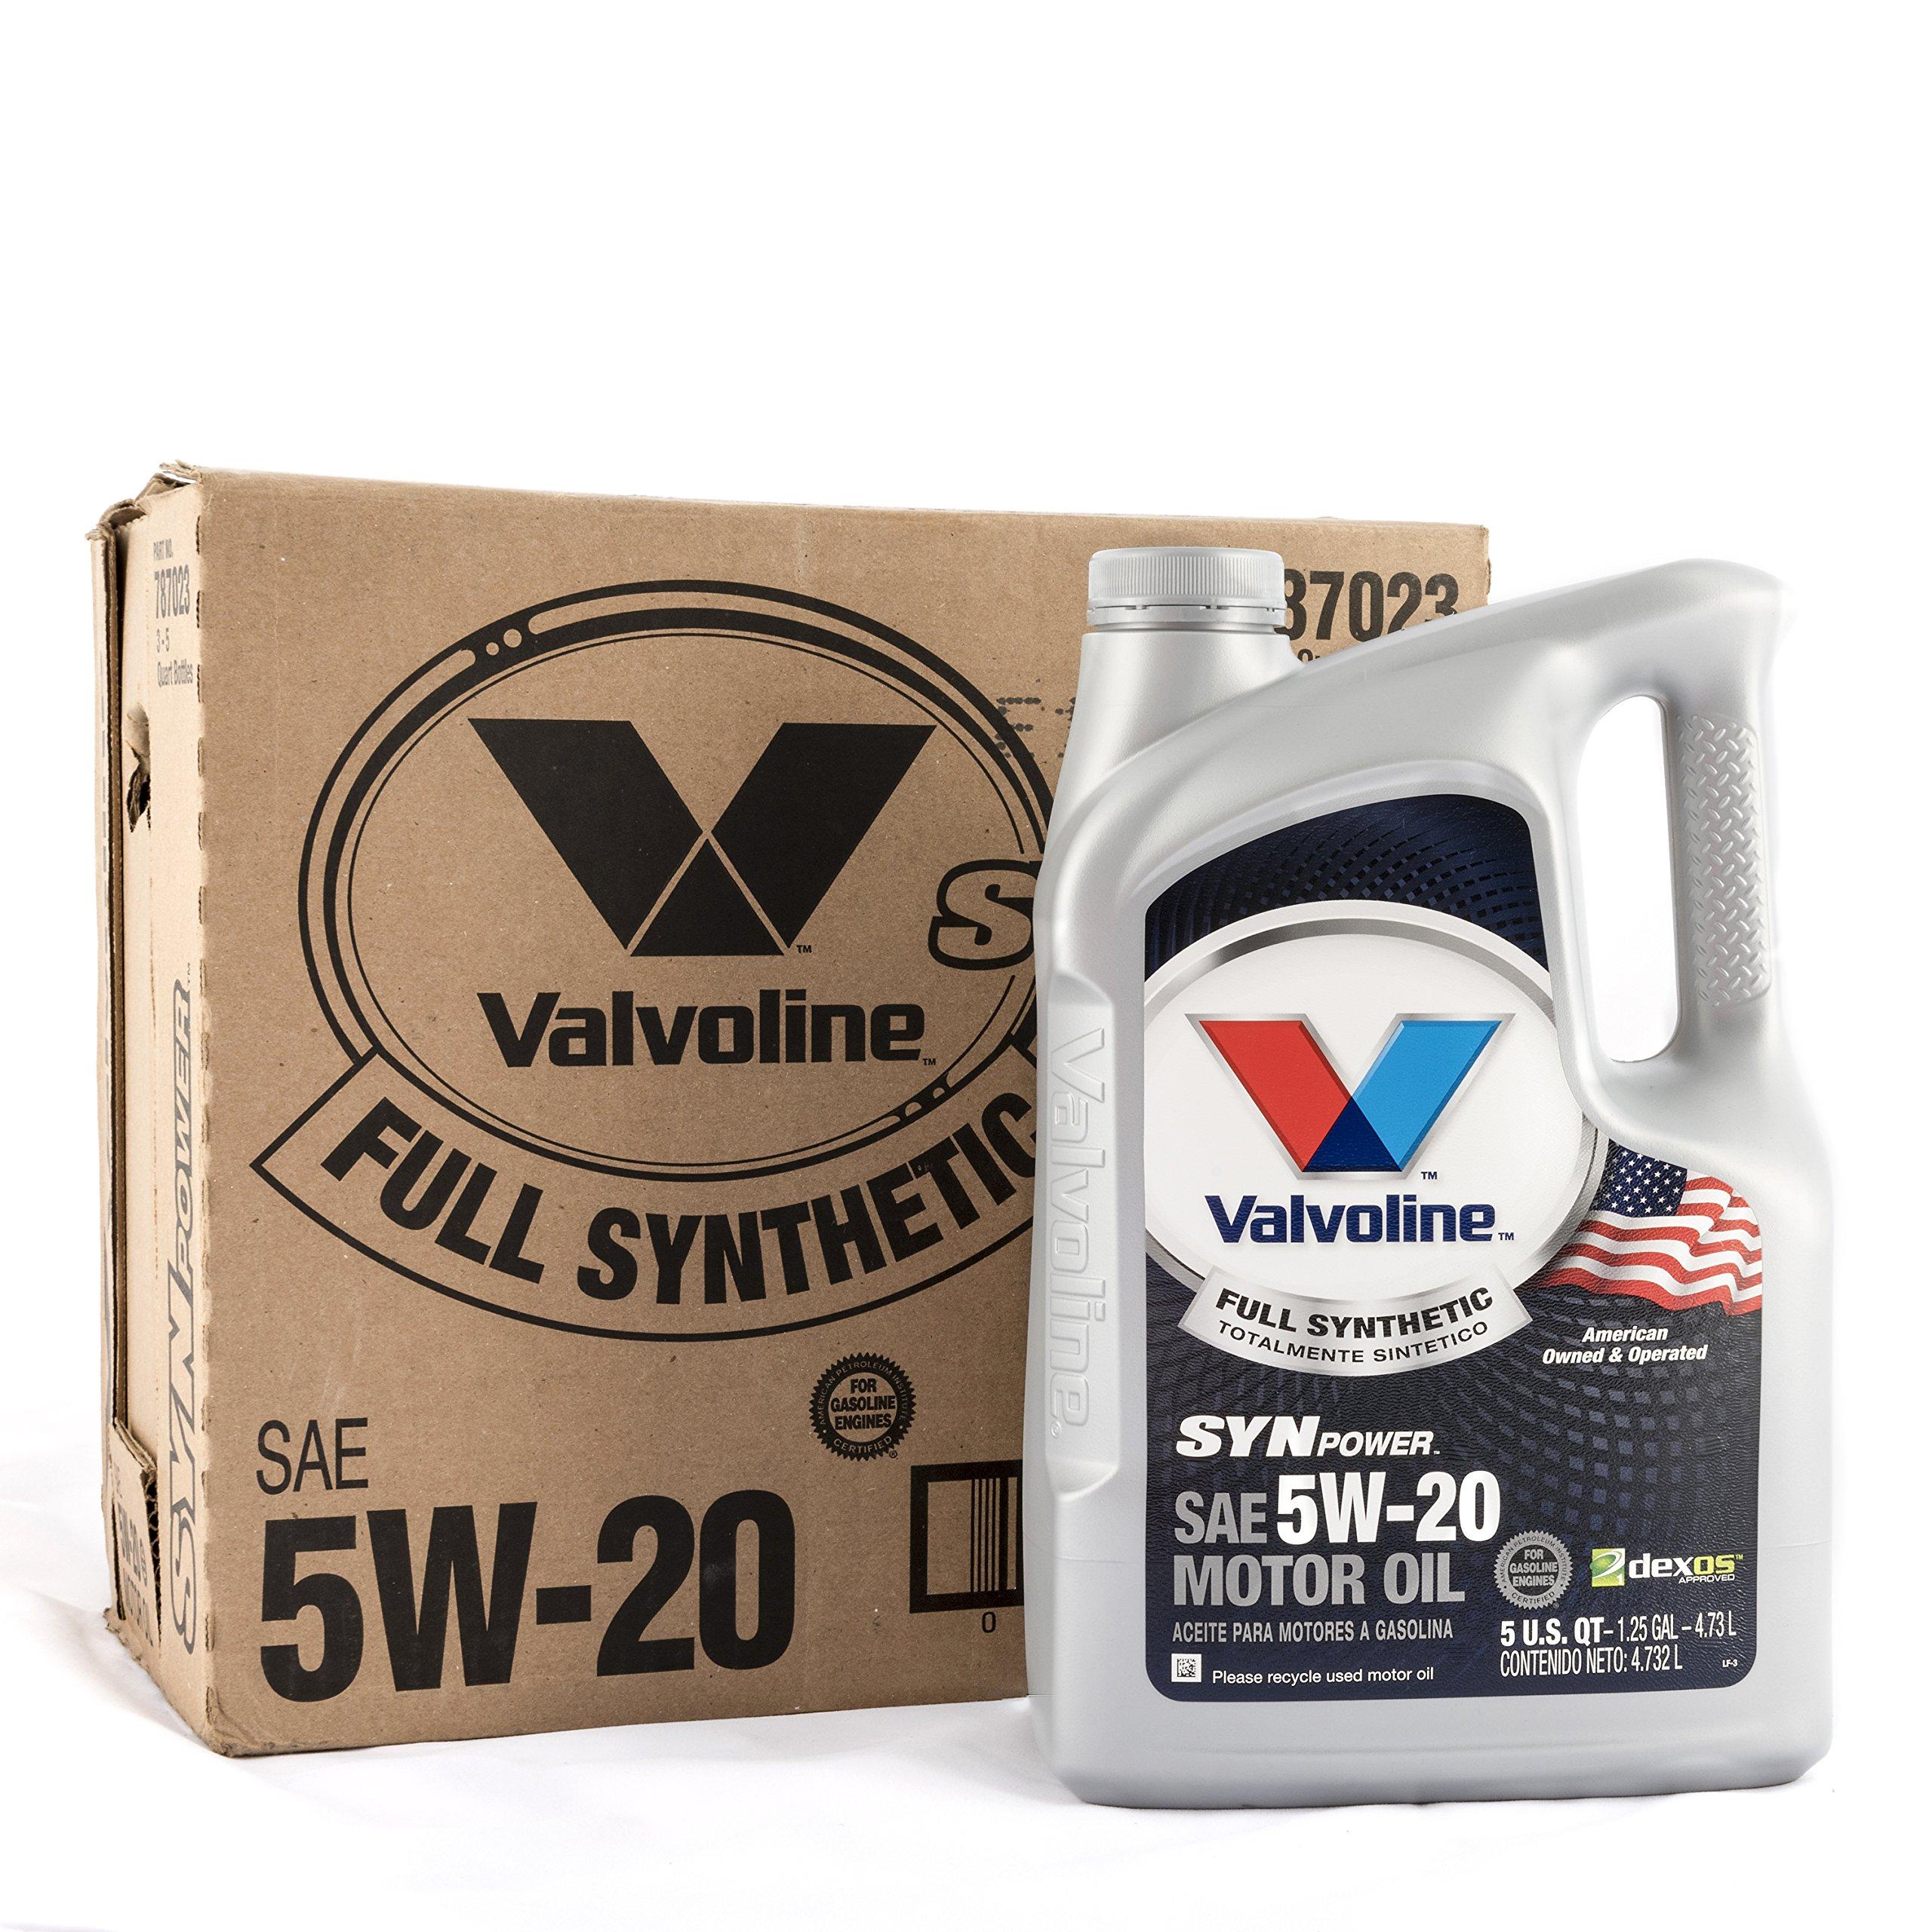 Valvoline 5W-20 SynPower Full Synthetic Motor Oil - 5qt (Case of 3) (787023-3PK) by Valvoline